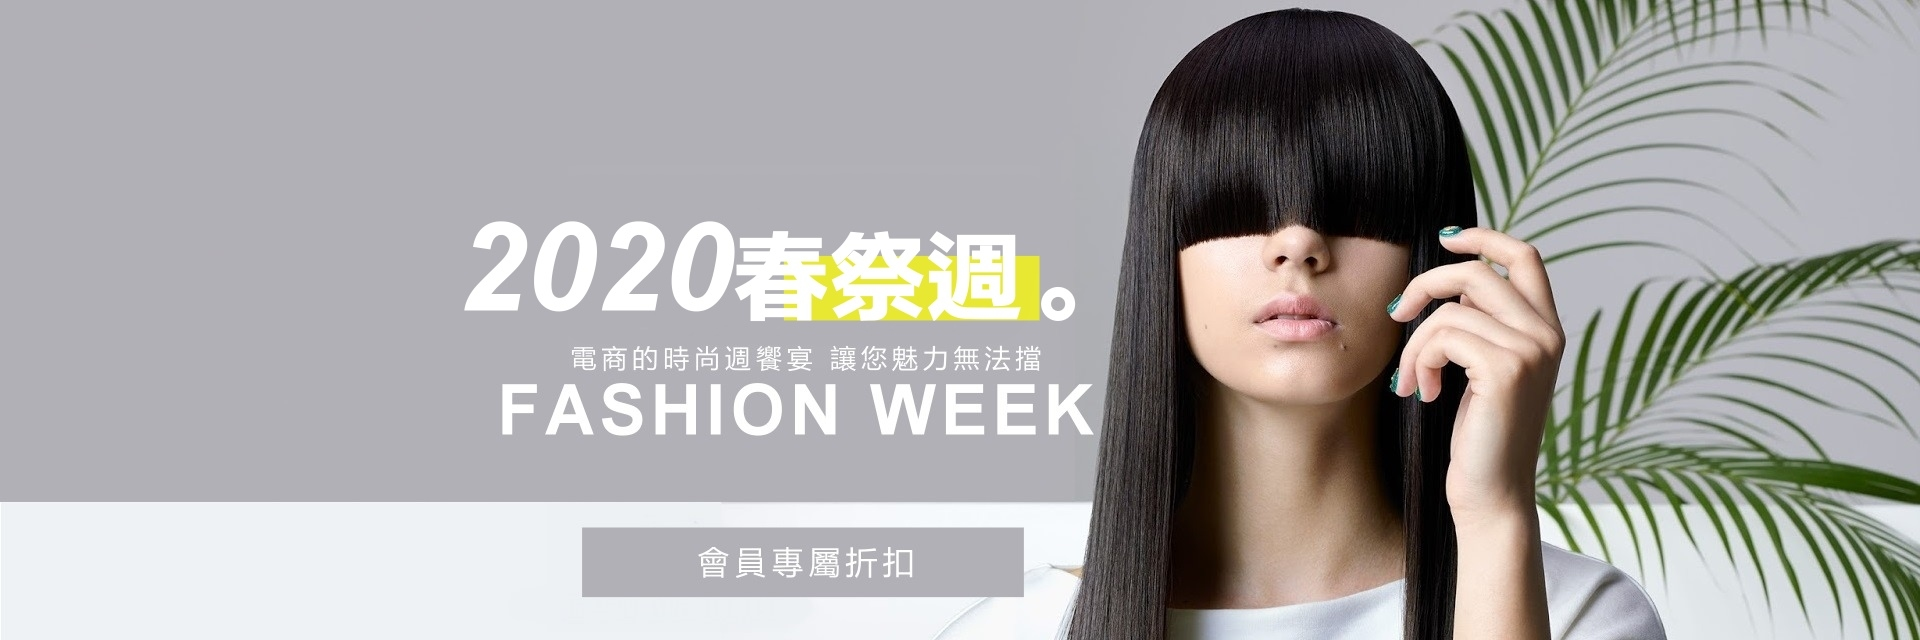 2020春祭時尚週登場-加入會員